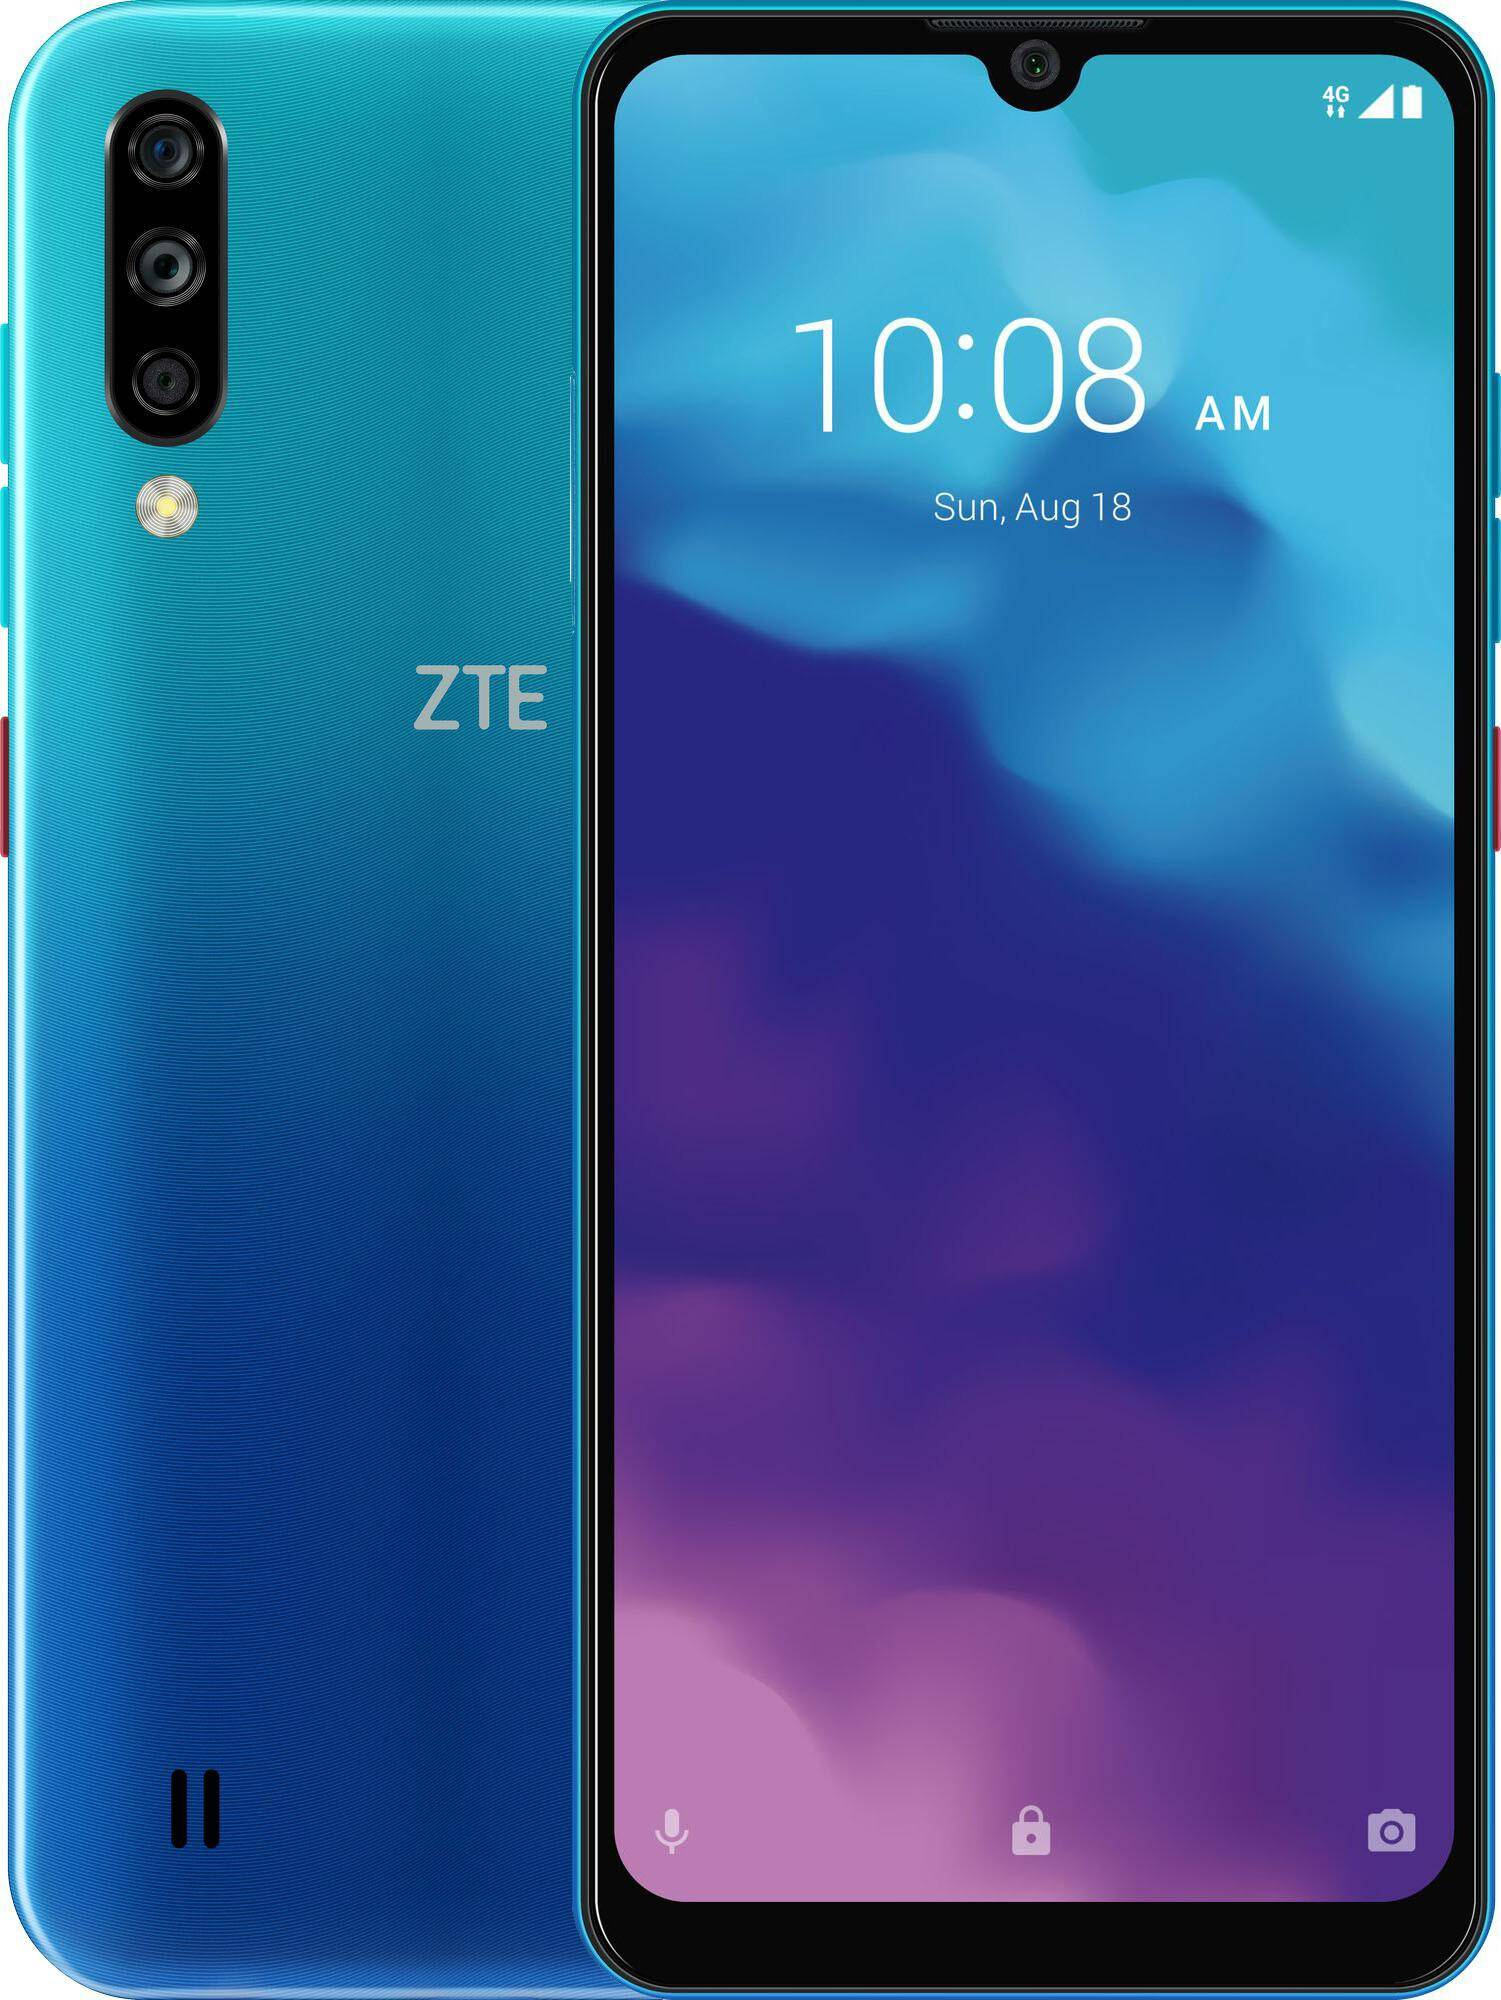 ZTE Blade A7s